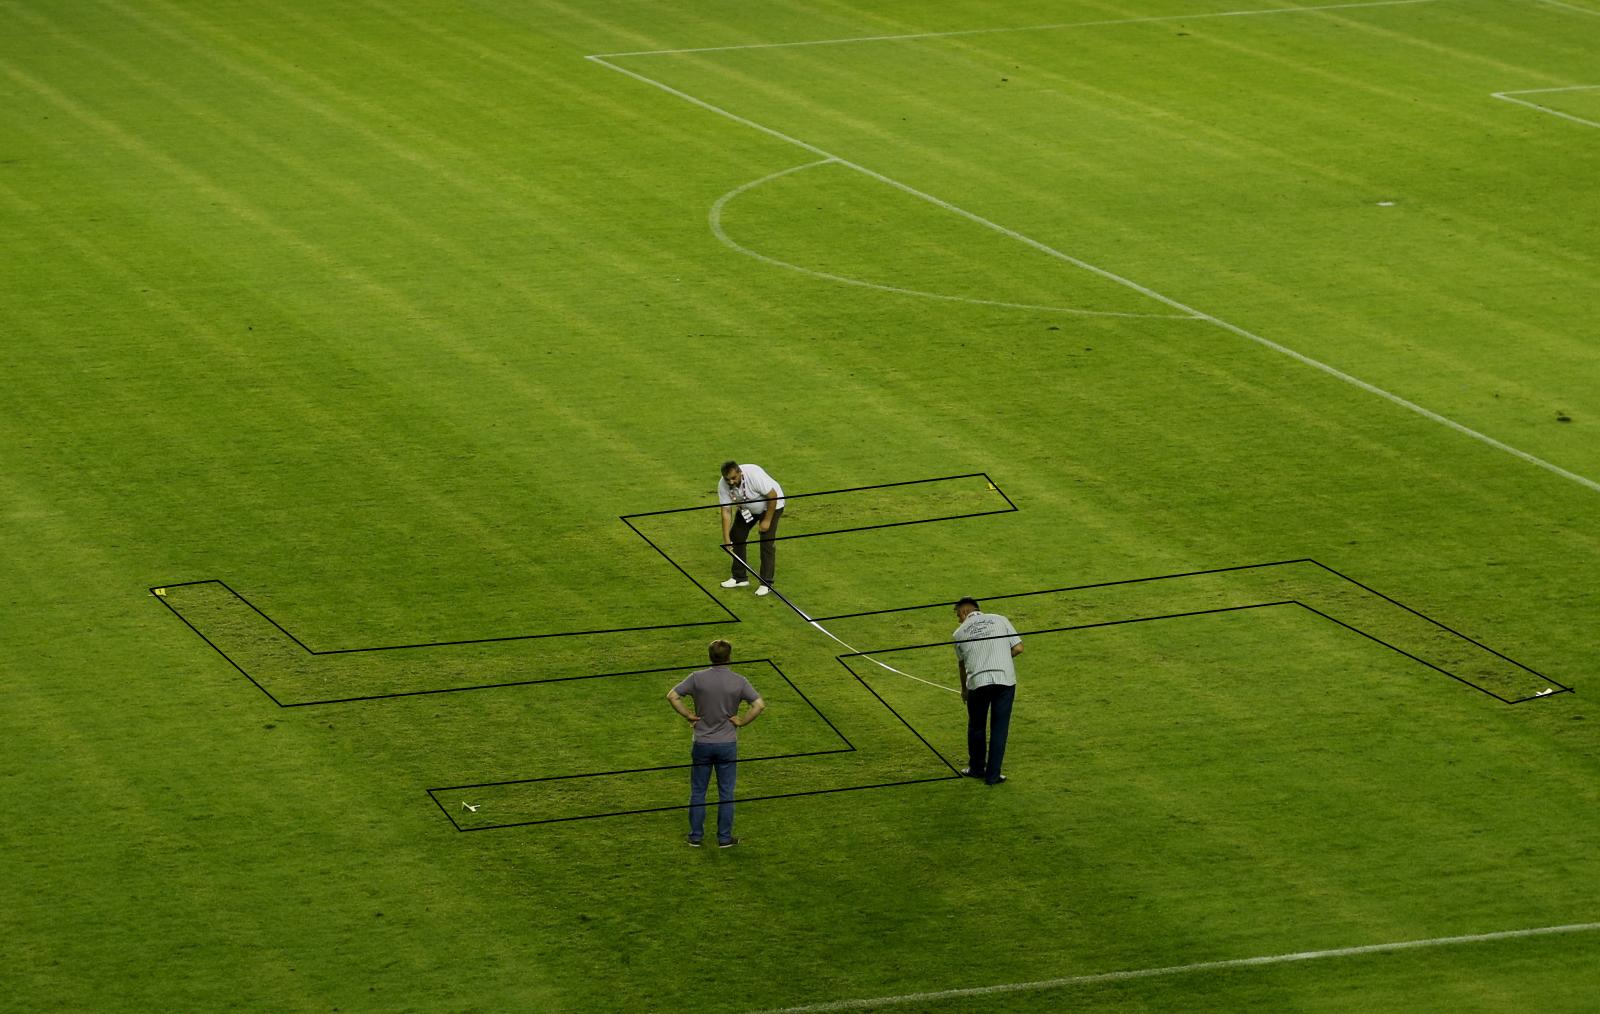 Croatia vs Italy swastika marked pitch